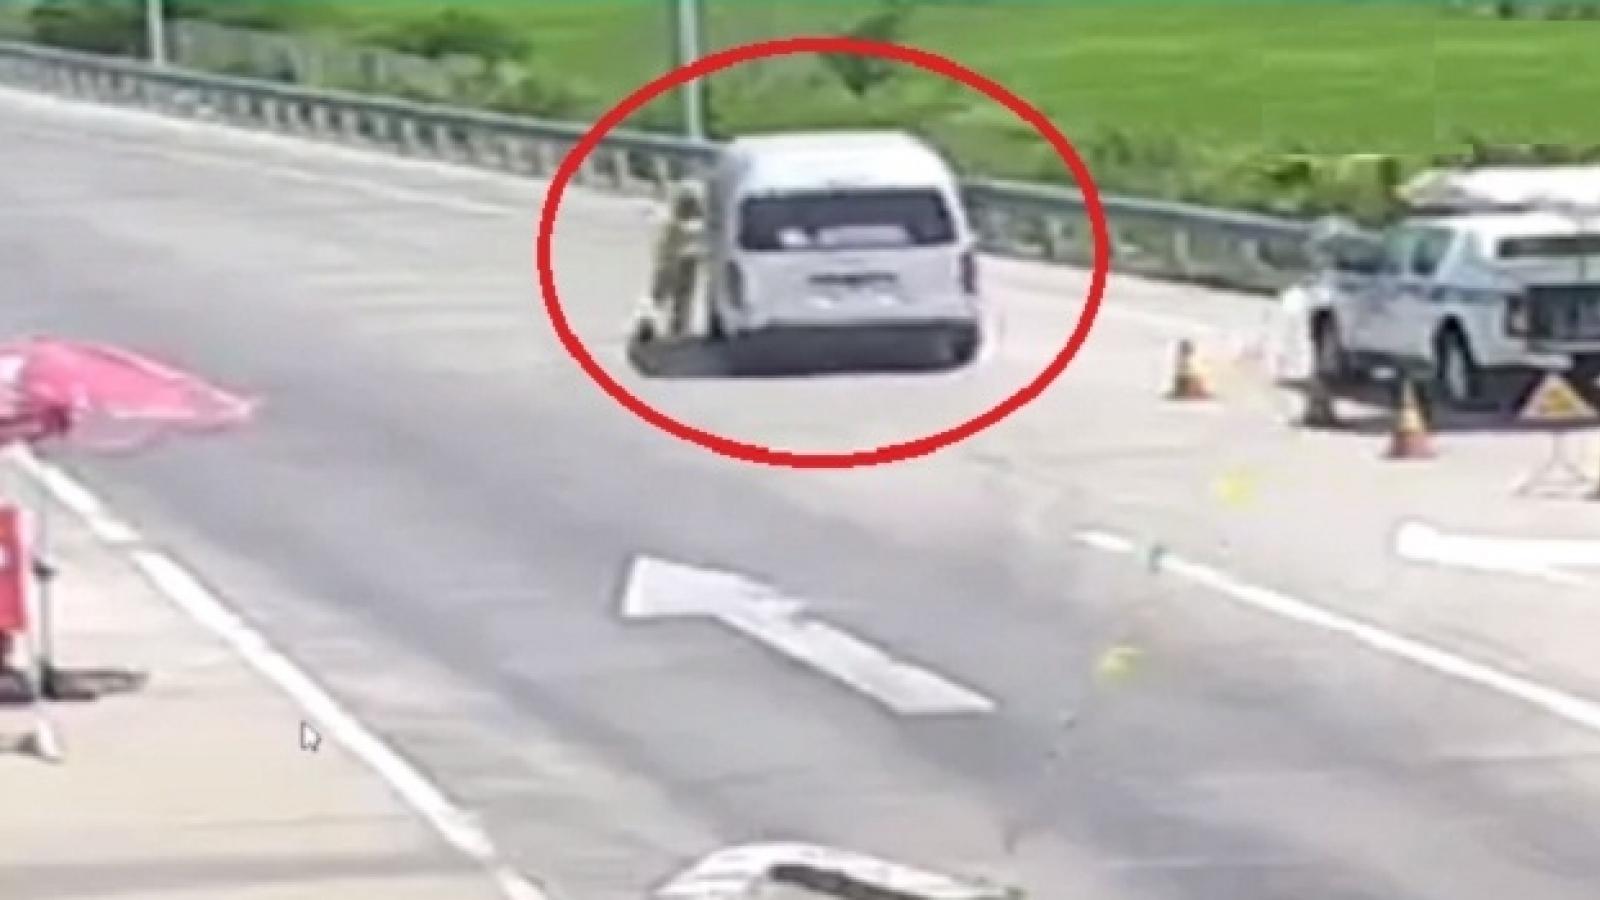 Tài xế giật giấy tờ, đâm thẳng và kéo rê cảnh sát giao thông hòng thông chốt kiểm dịch